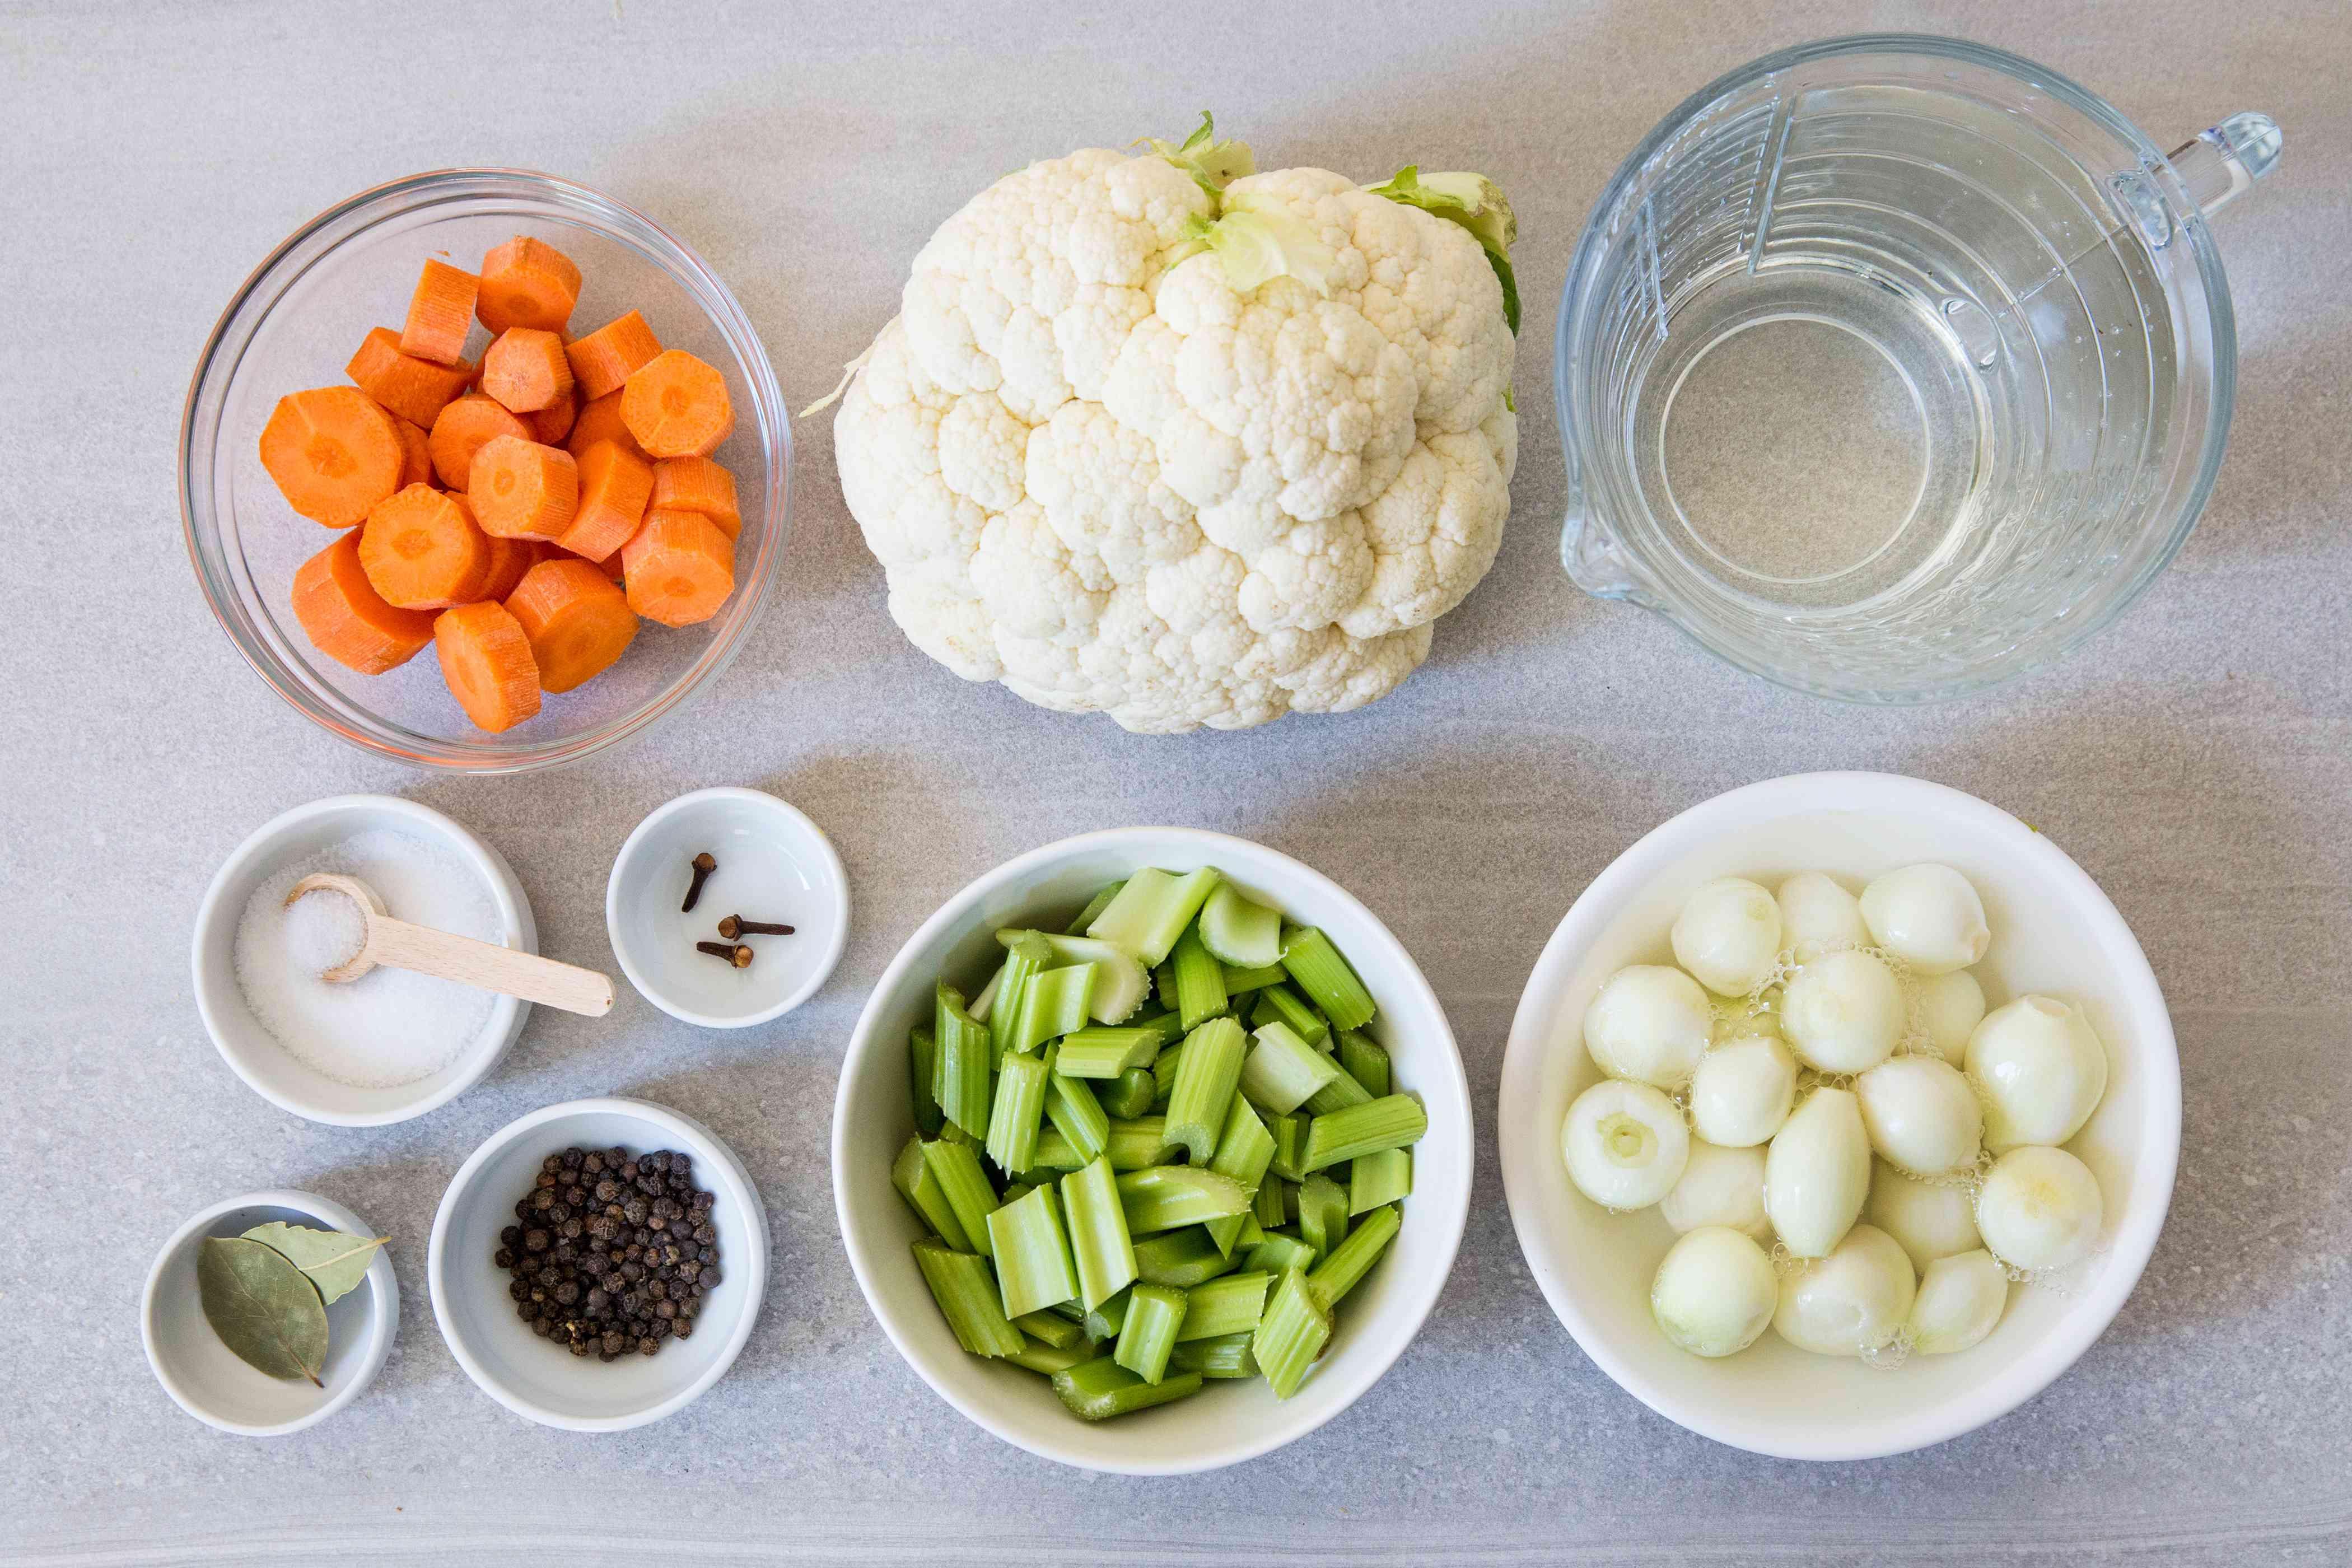 Giardiniera (Italian pickled vegetables) ingredients